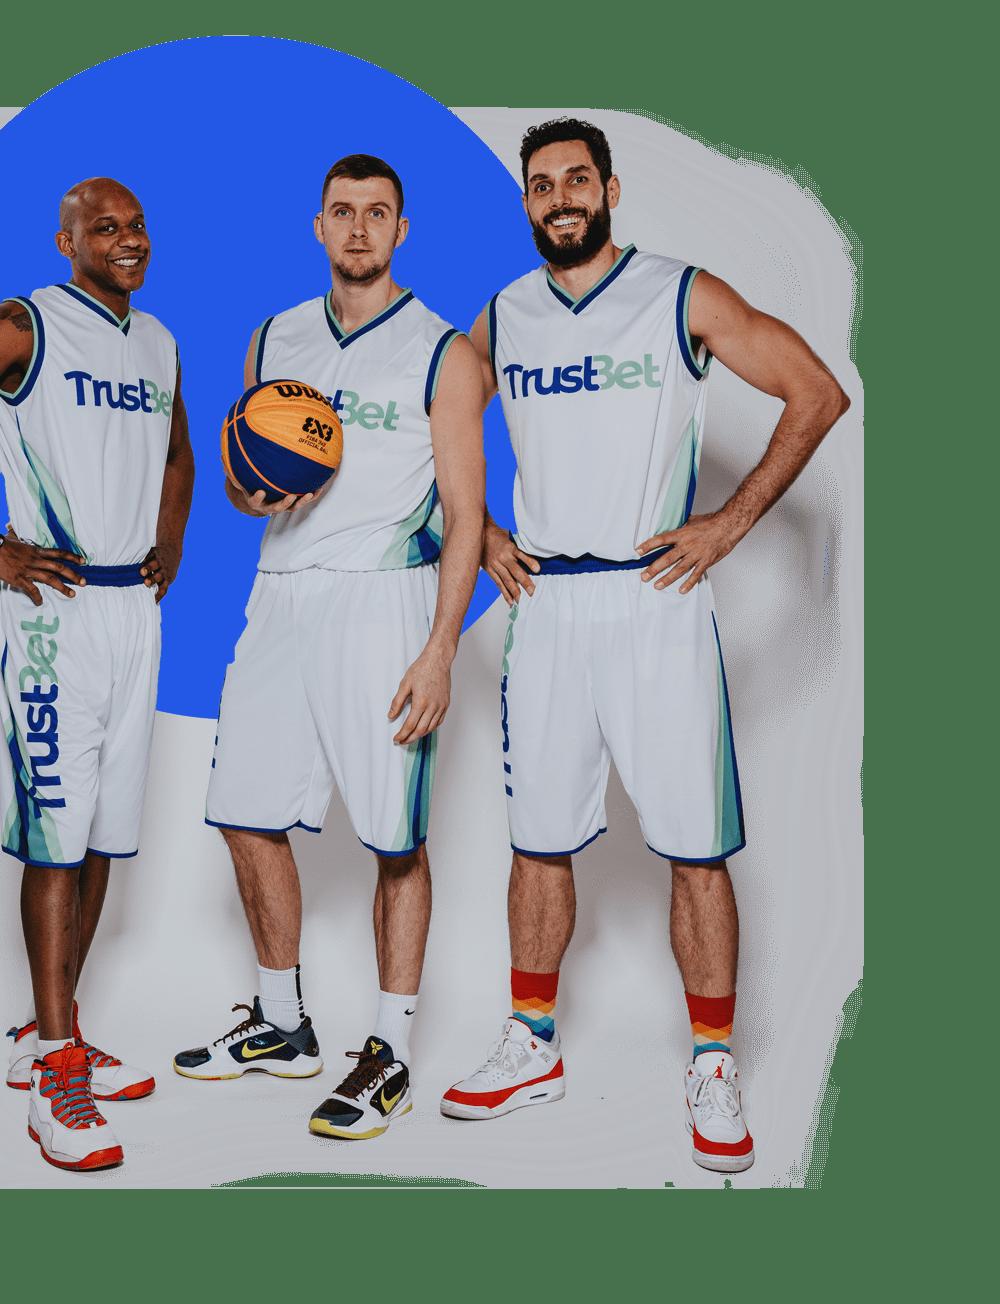 Trustbet sponsroing - koszykarze